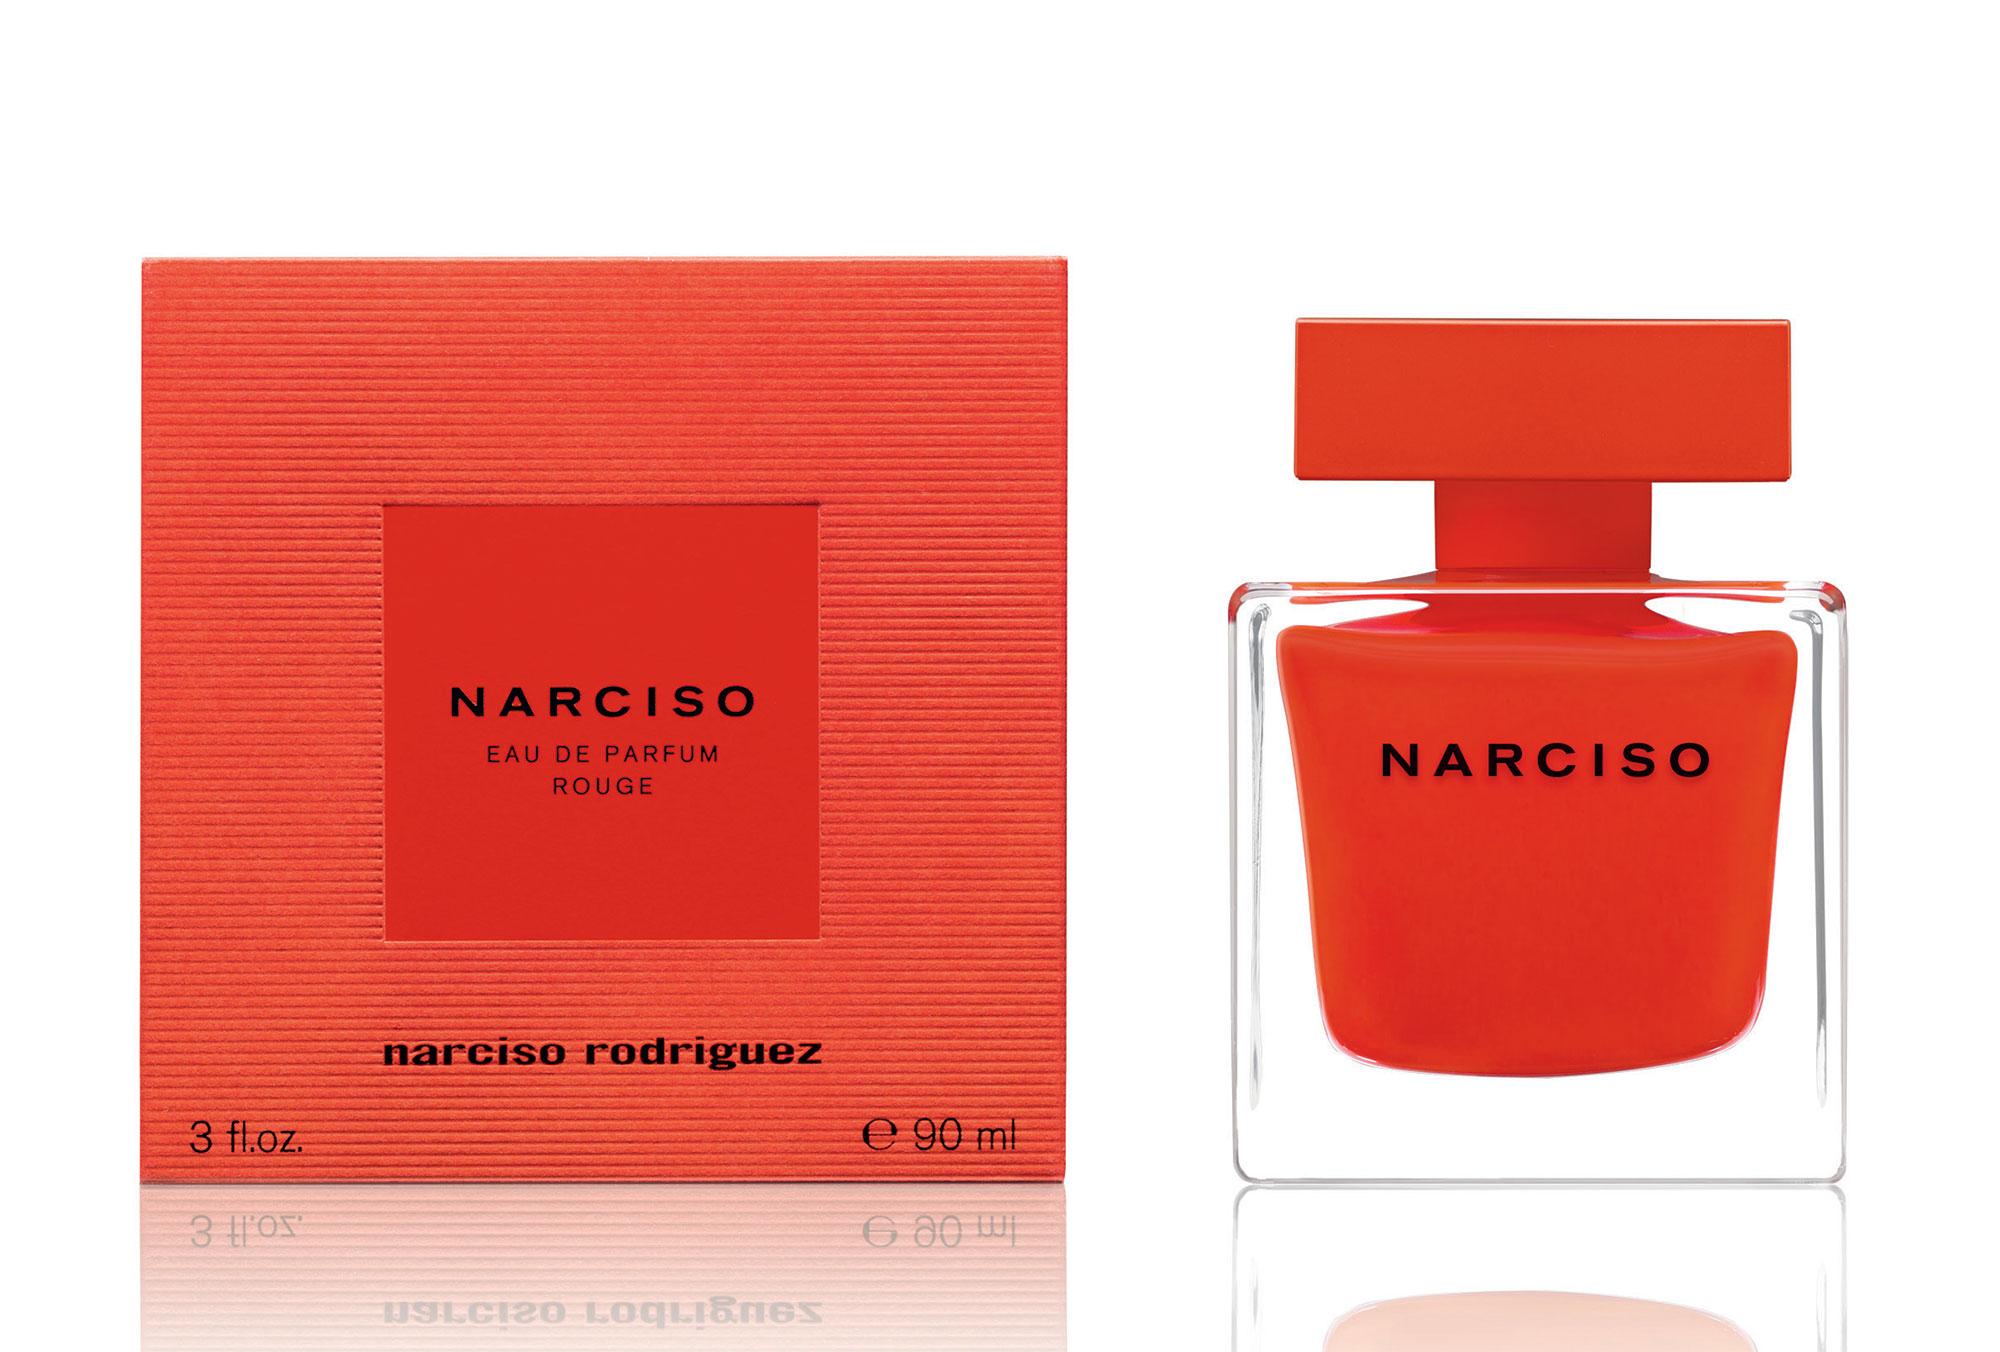 d2162cc1bdeab Narciso Rodriguez  Narciso Rouge العطر الجديد للنساء من نارسيسو ...